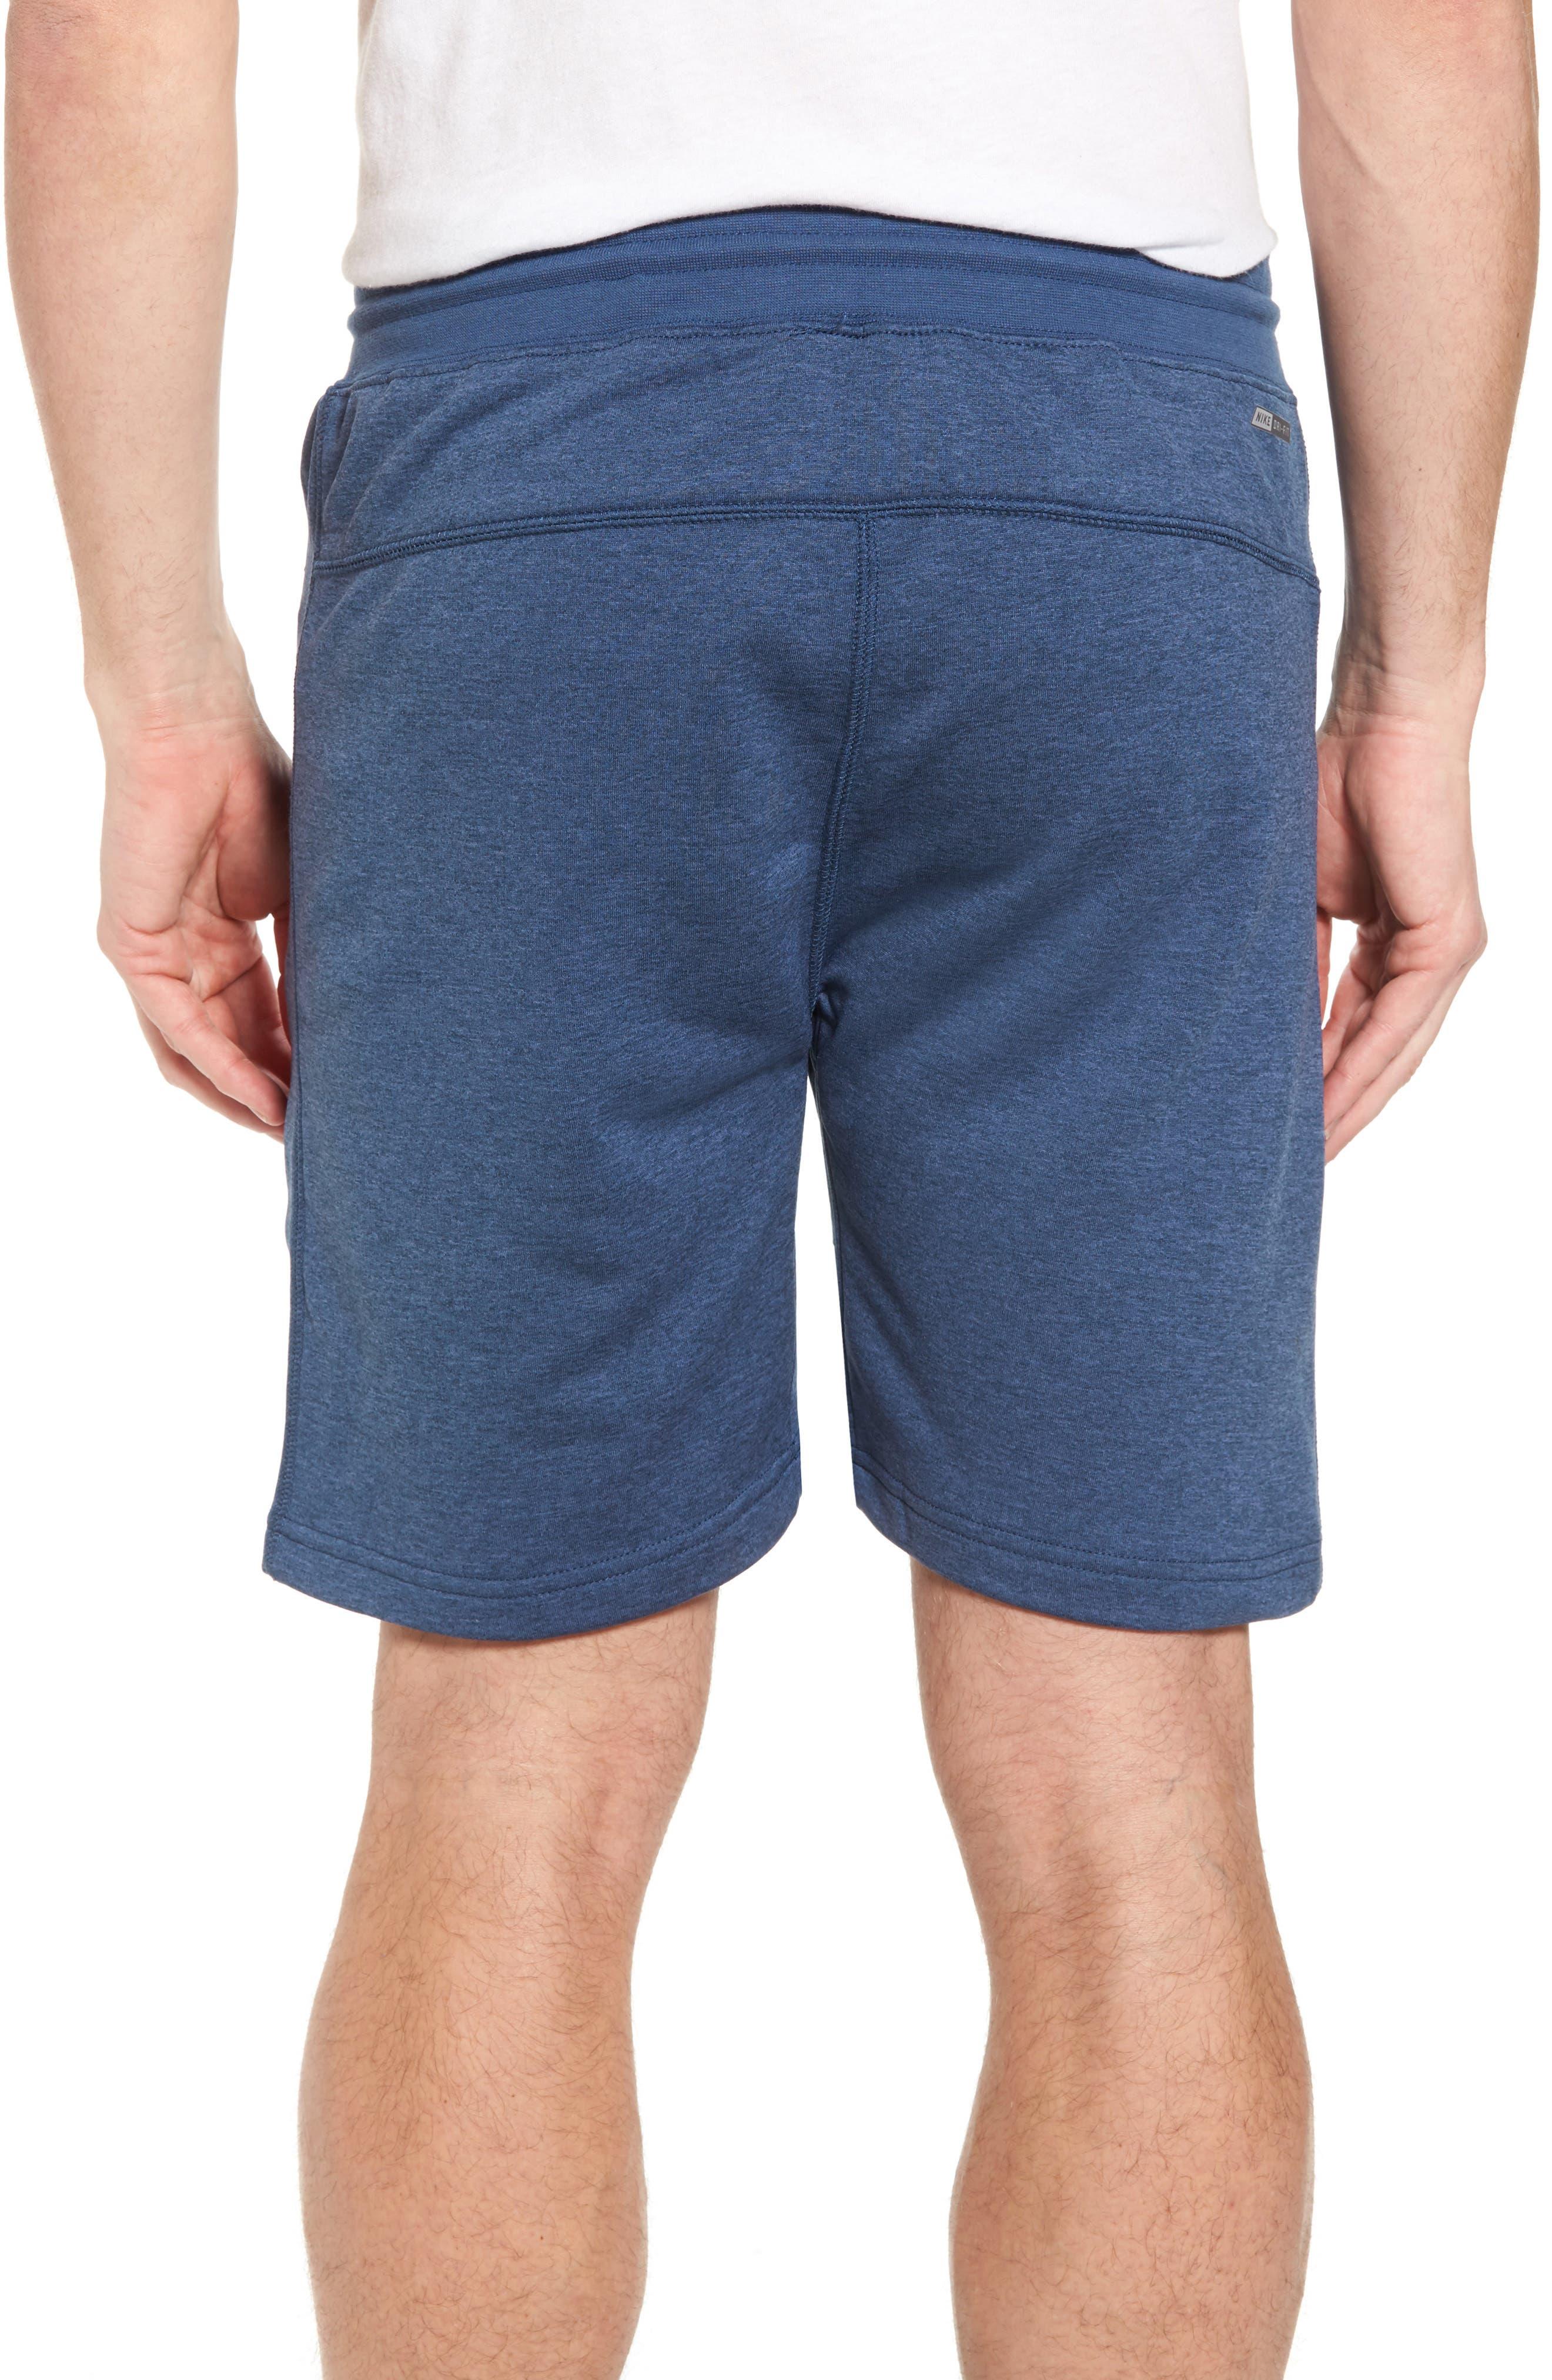 Dri-FIT Solar Shorts,                             Alternate thumbnail 2, color,                             Squadron Blue